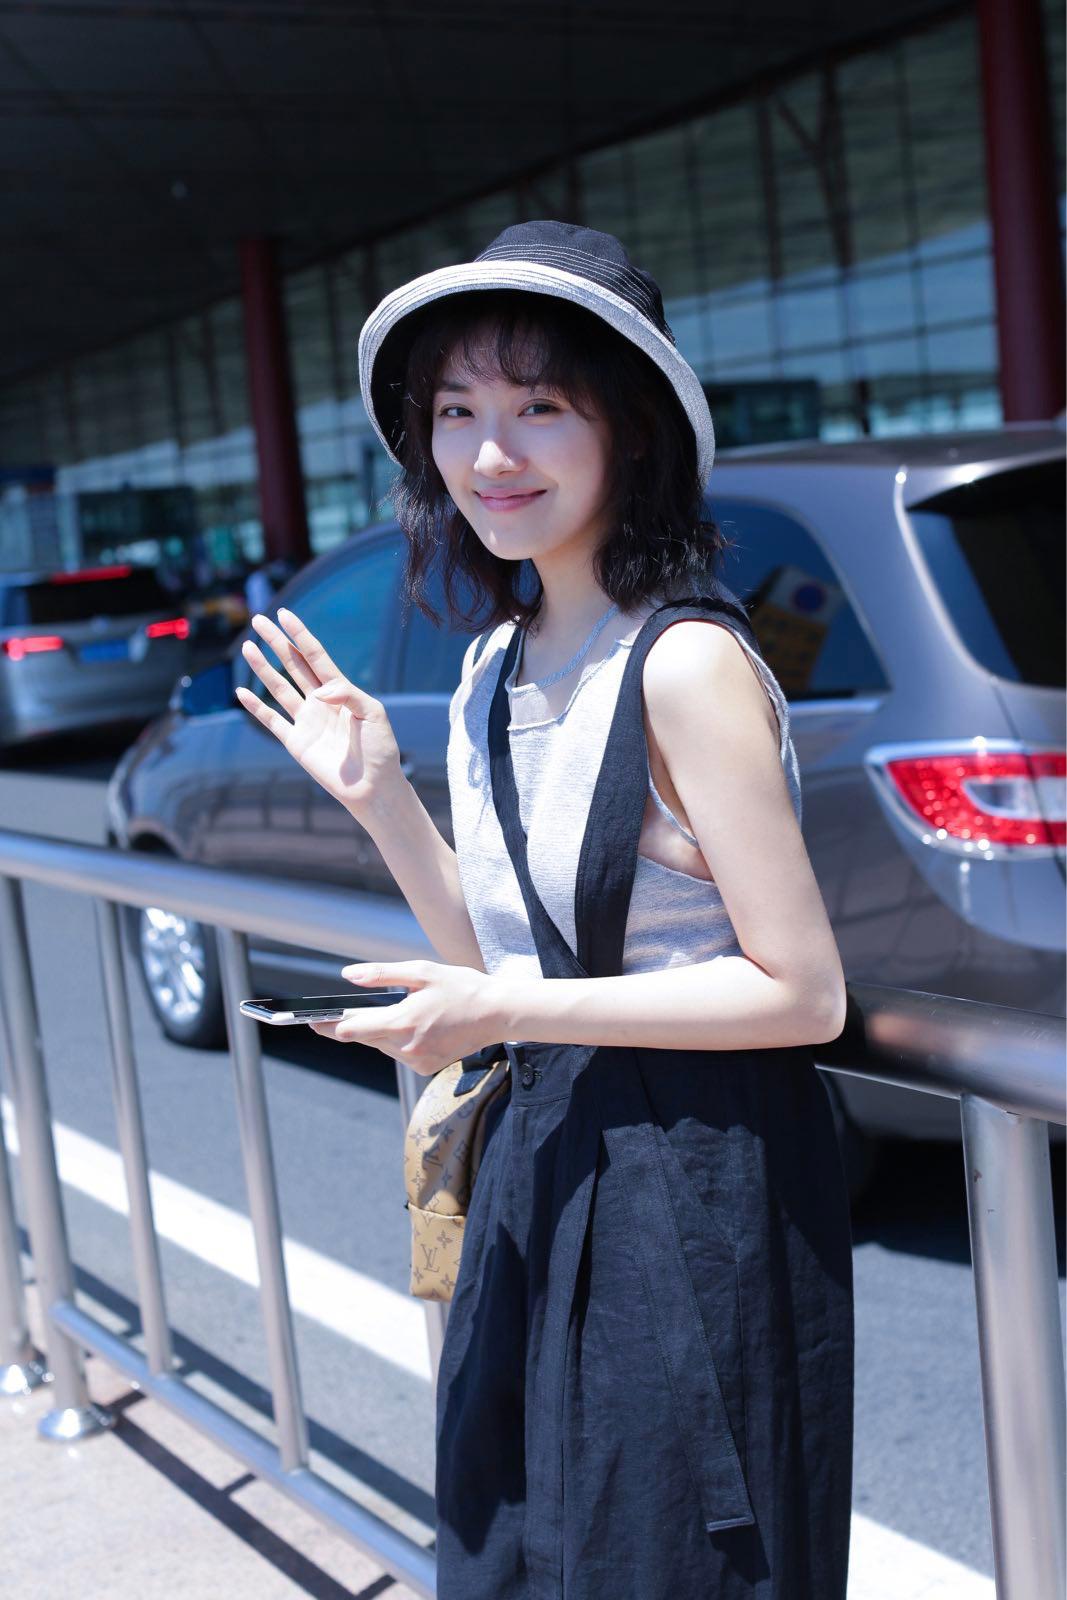 菅纫姿机场照如时尚大片 空气刘海少女感满满